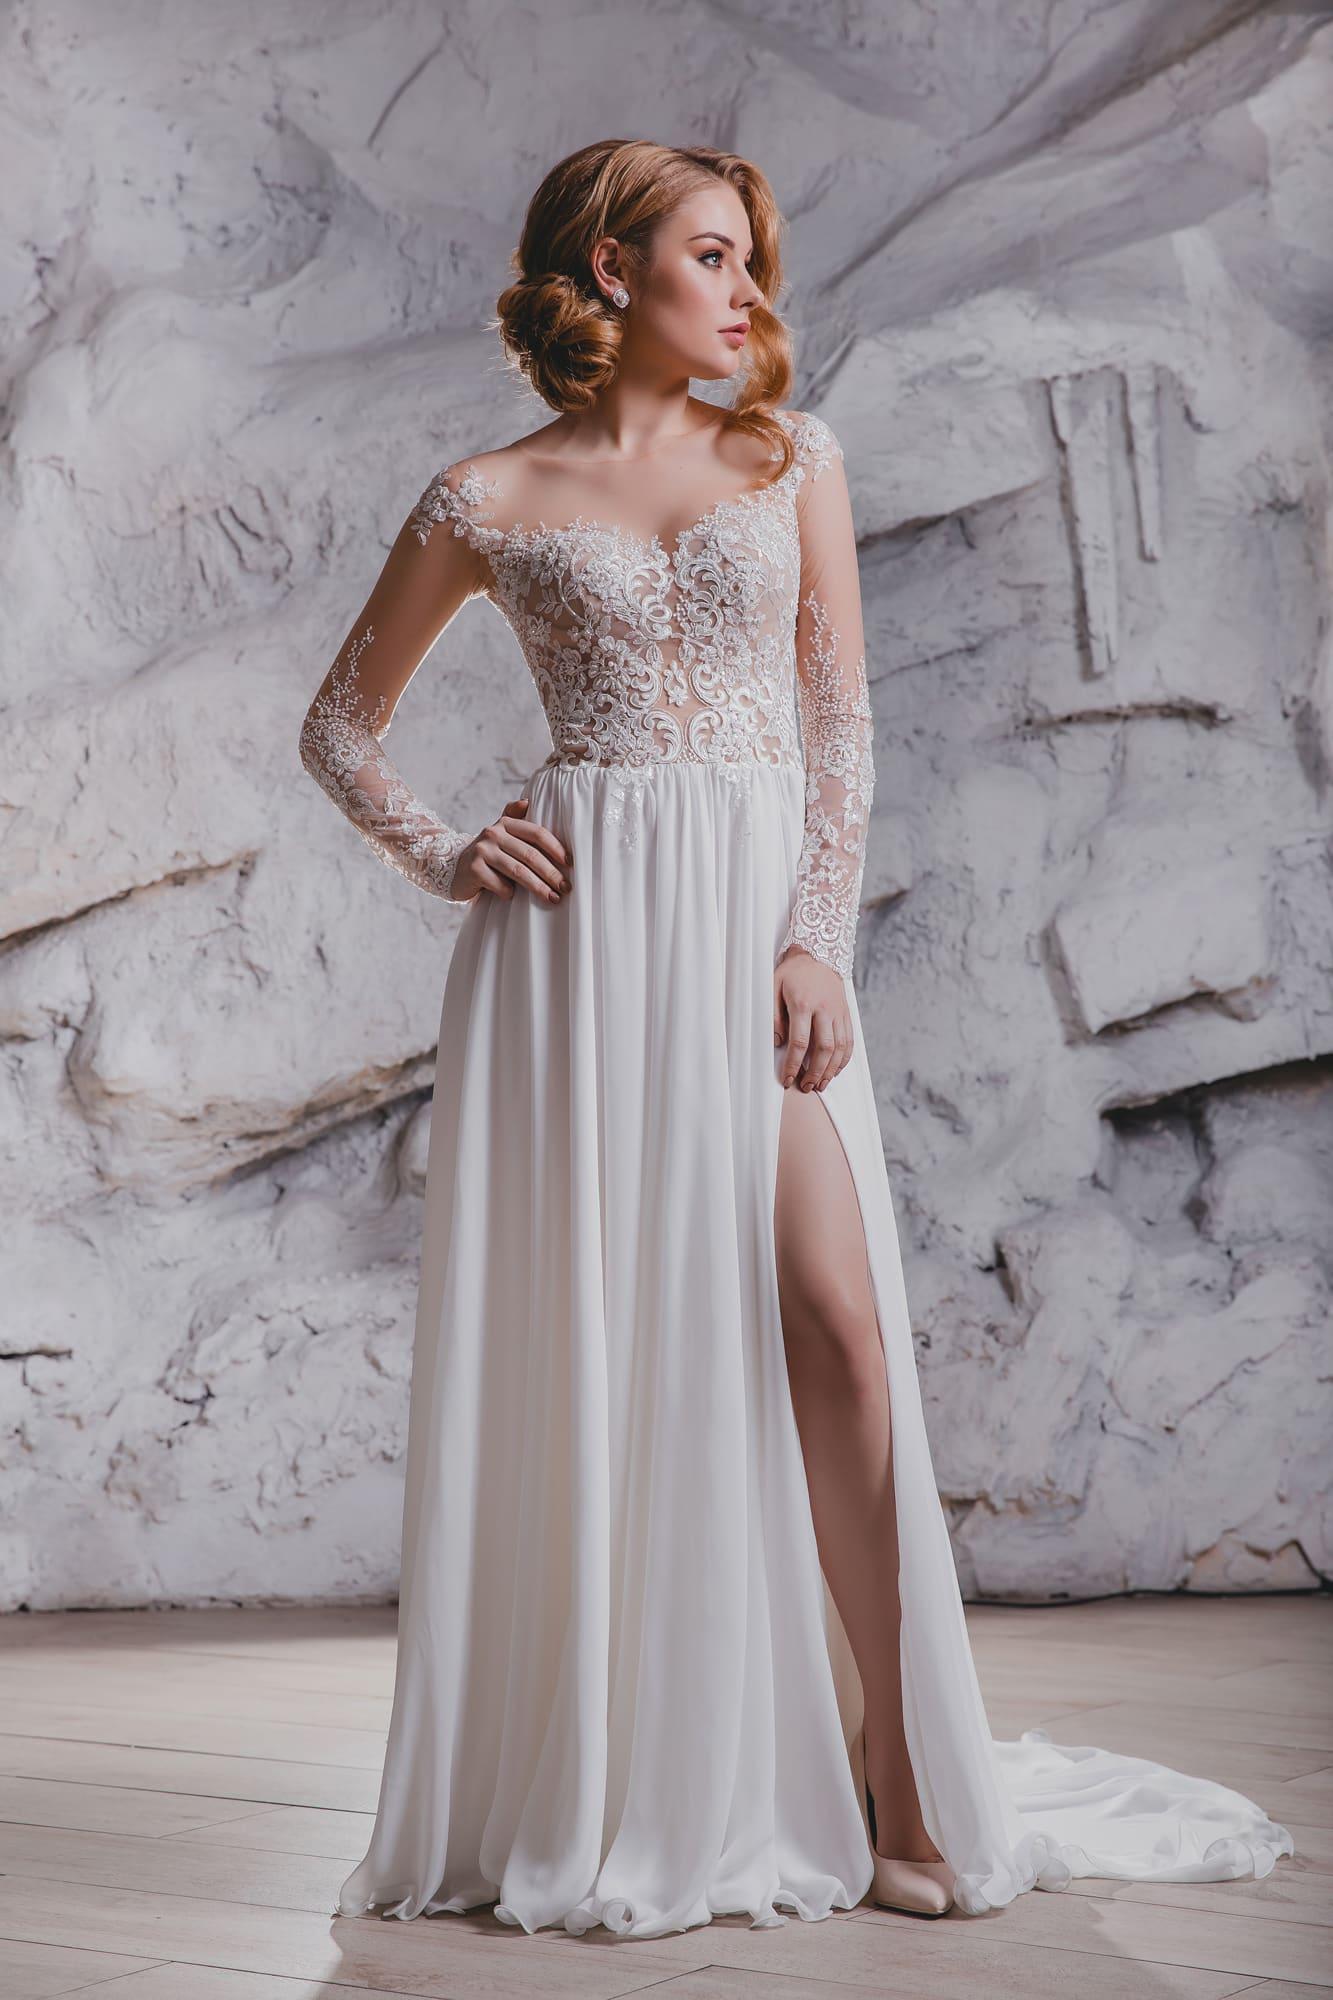 e381e03f5d3f0c1 Свадебное платье Queen Ingrid ▷ Свадебный Торговый Центр Вега в Москве